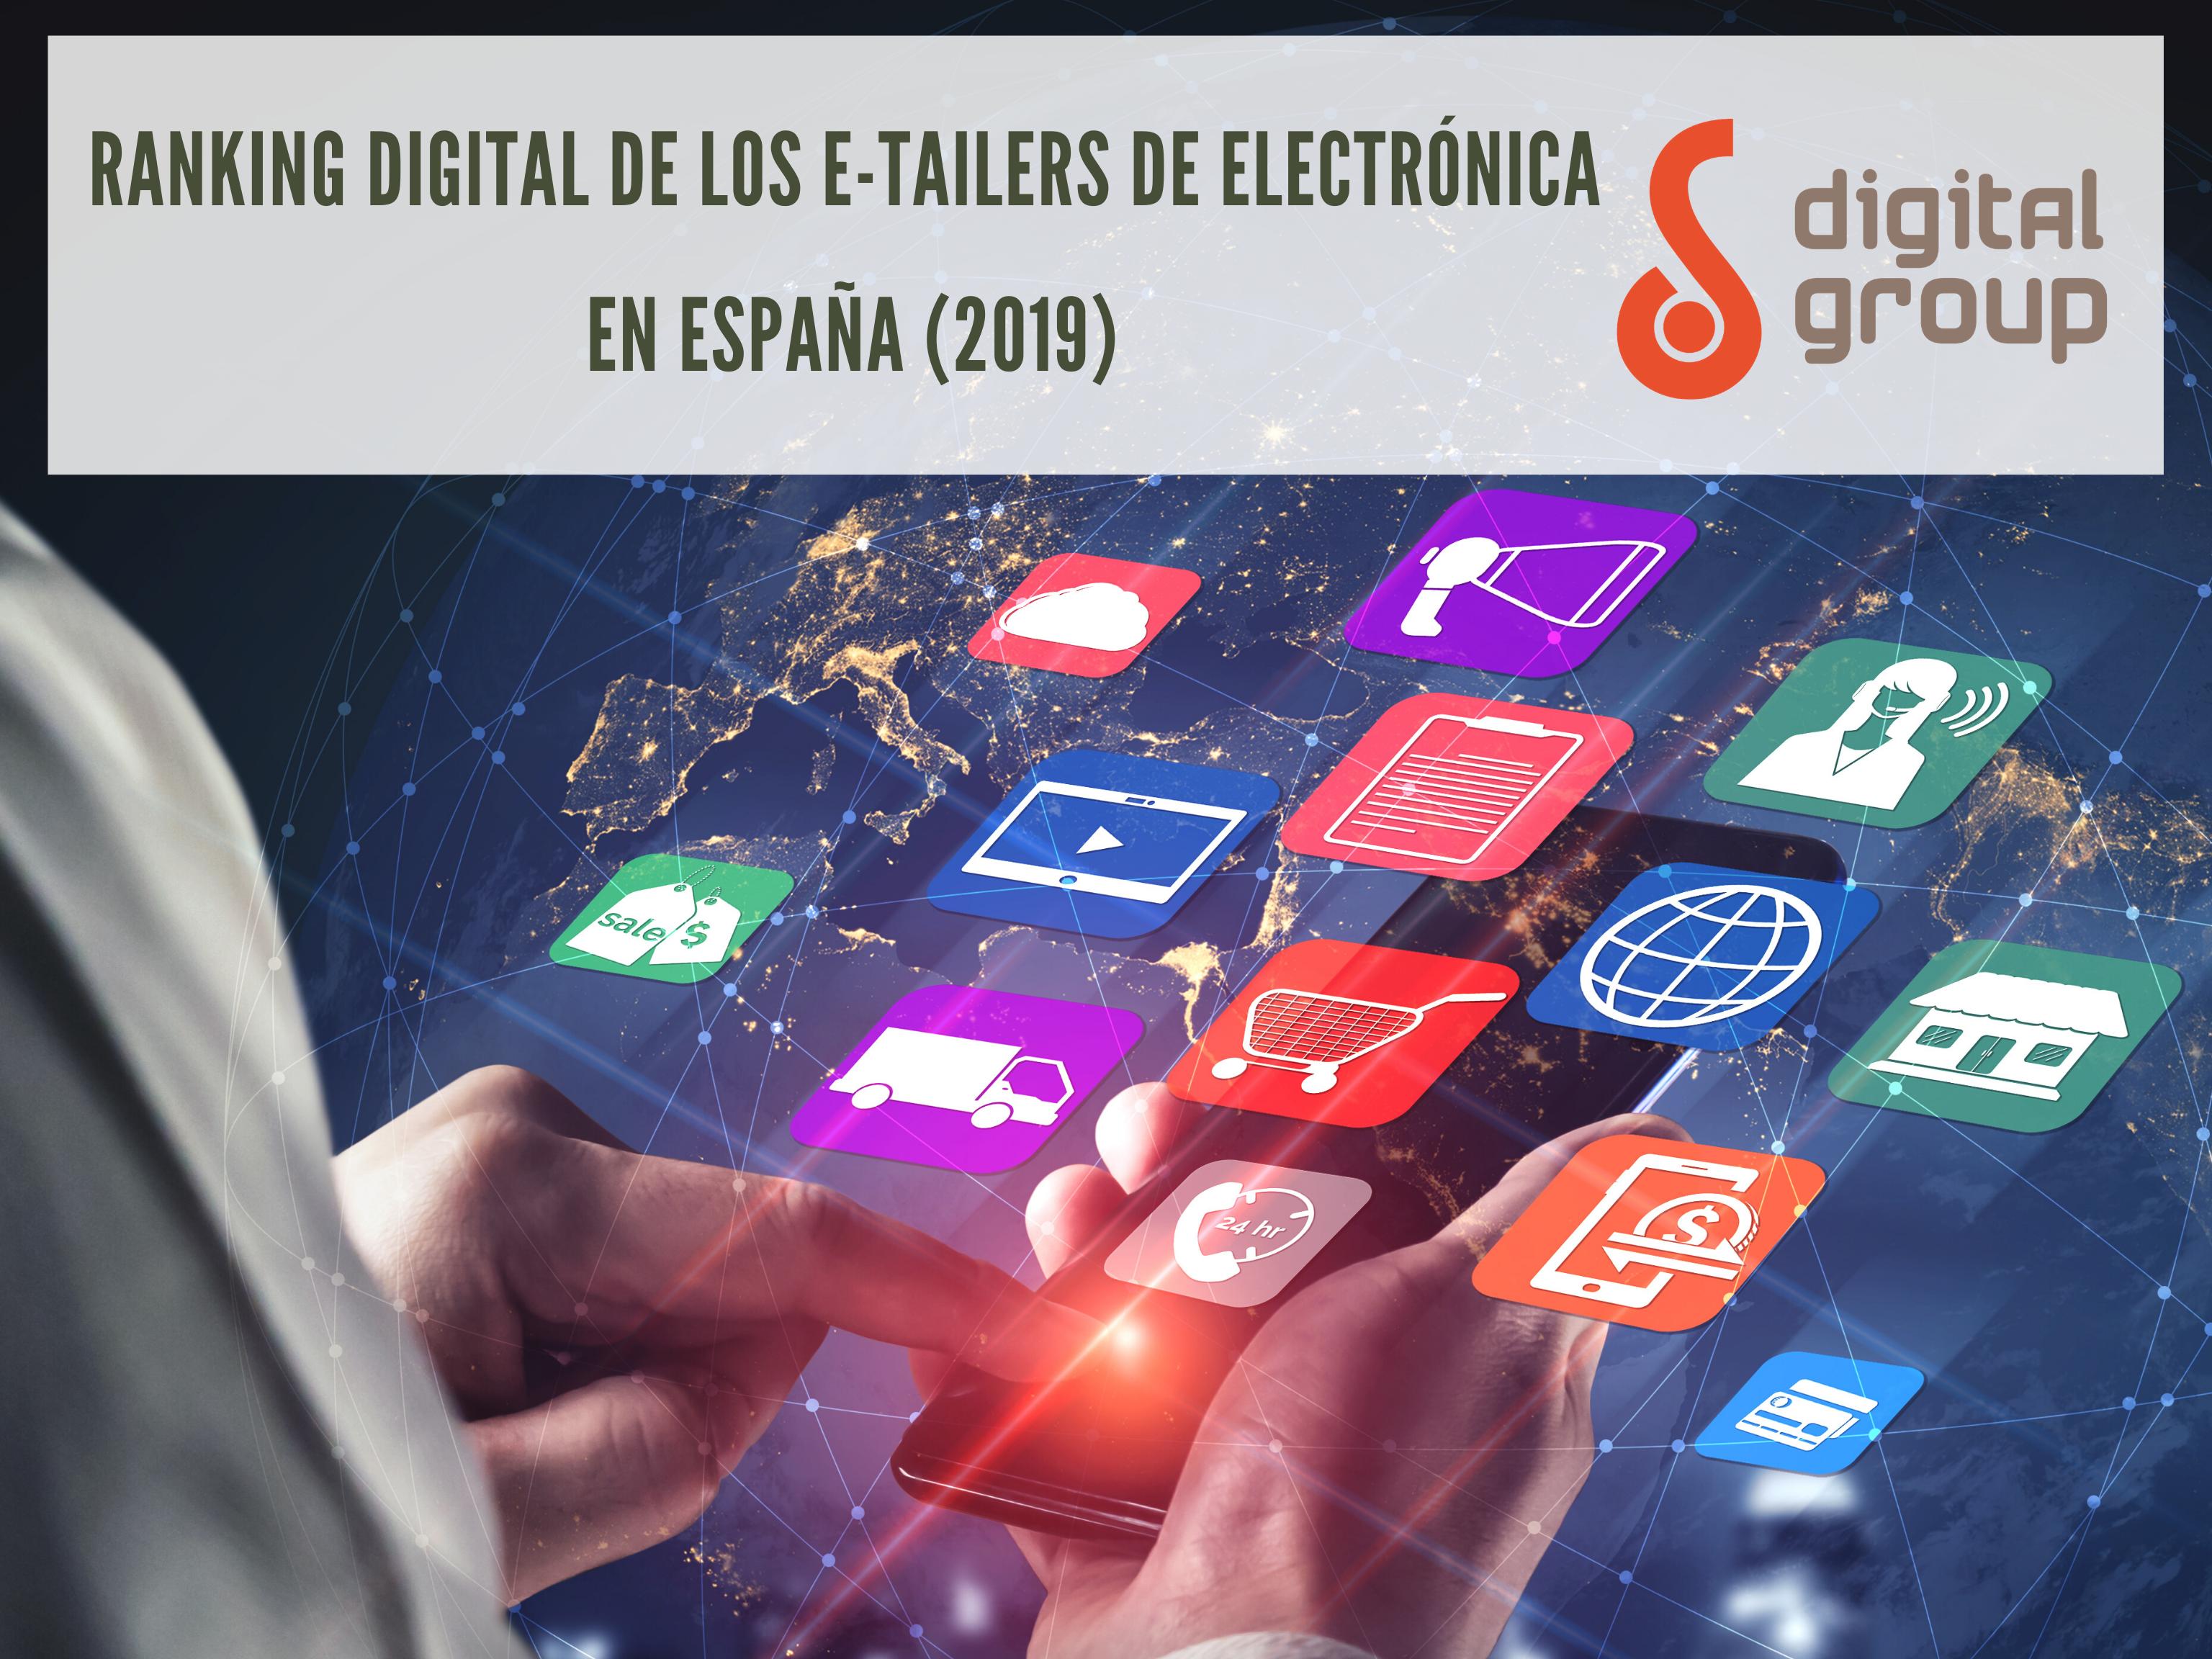 Ranking Digital de los e-tailers de Electrónica en España (2019) -  DigitalGroup.es